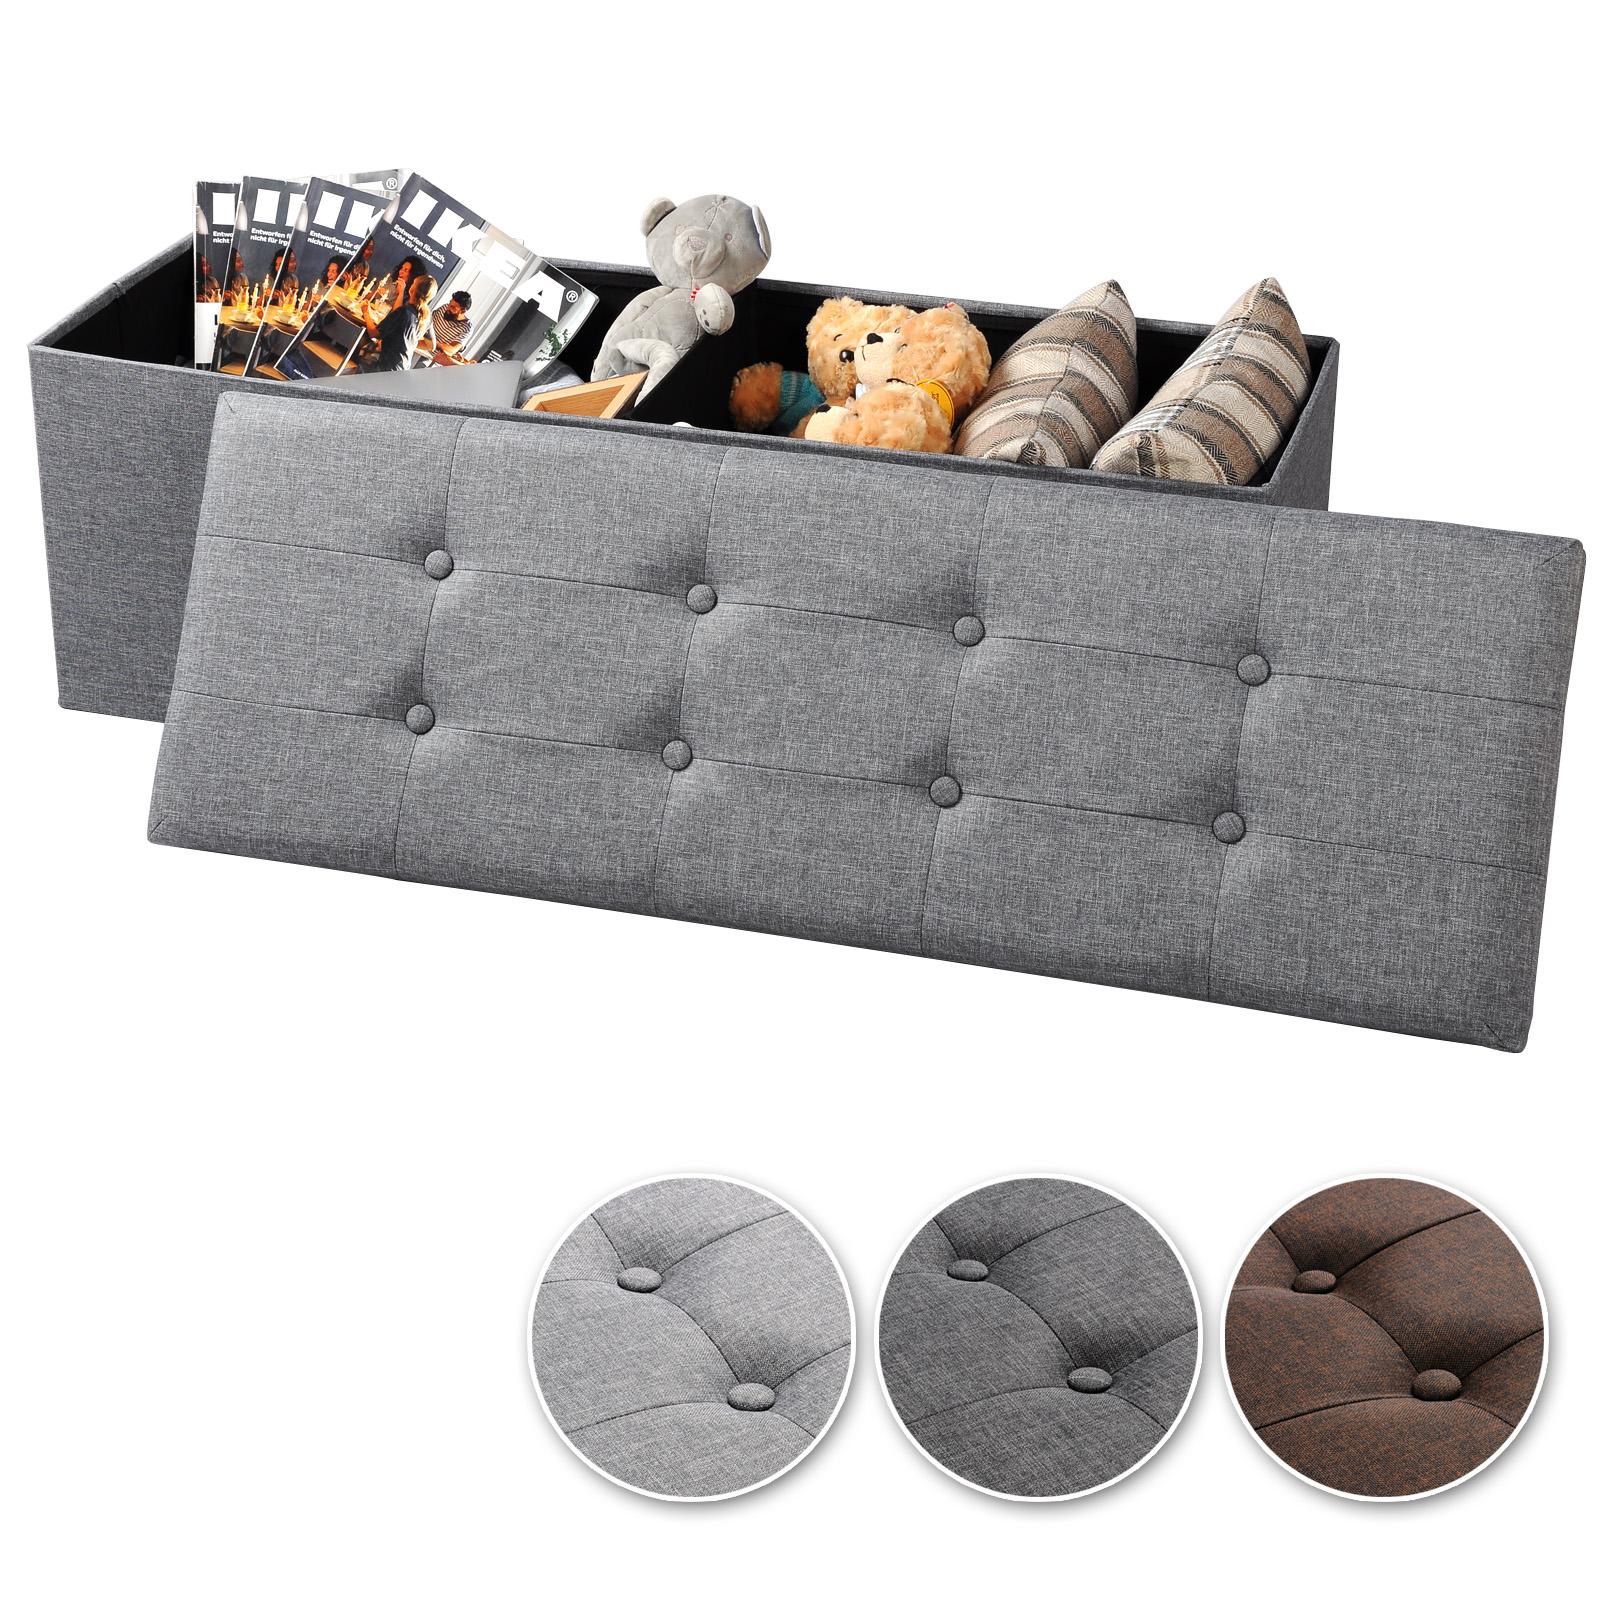 faltbarer sitzhocker sitzbank sitzw rfel mit stauraum leinen hellgrau 763 24 ebay. Black Bedroom Furniture Sets. Home Design Ideas